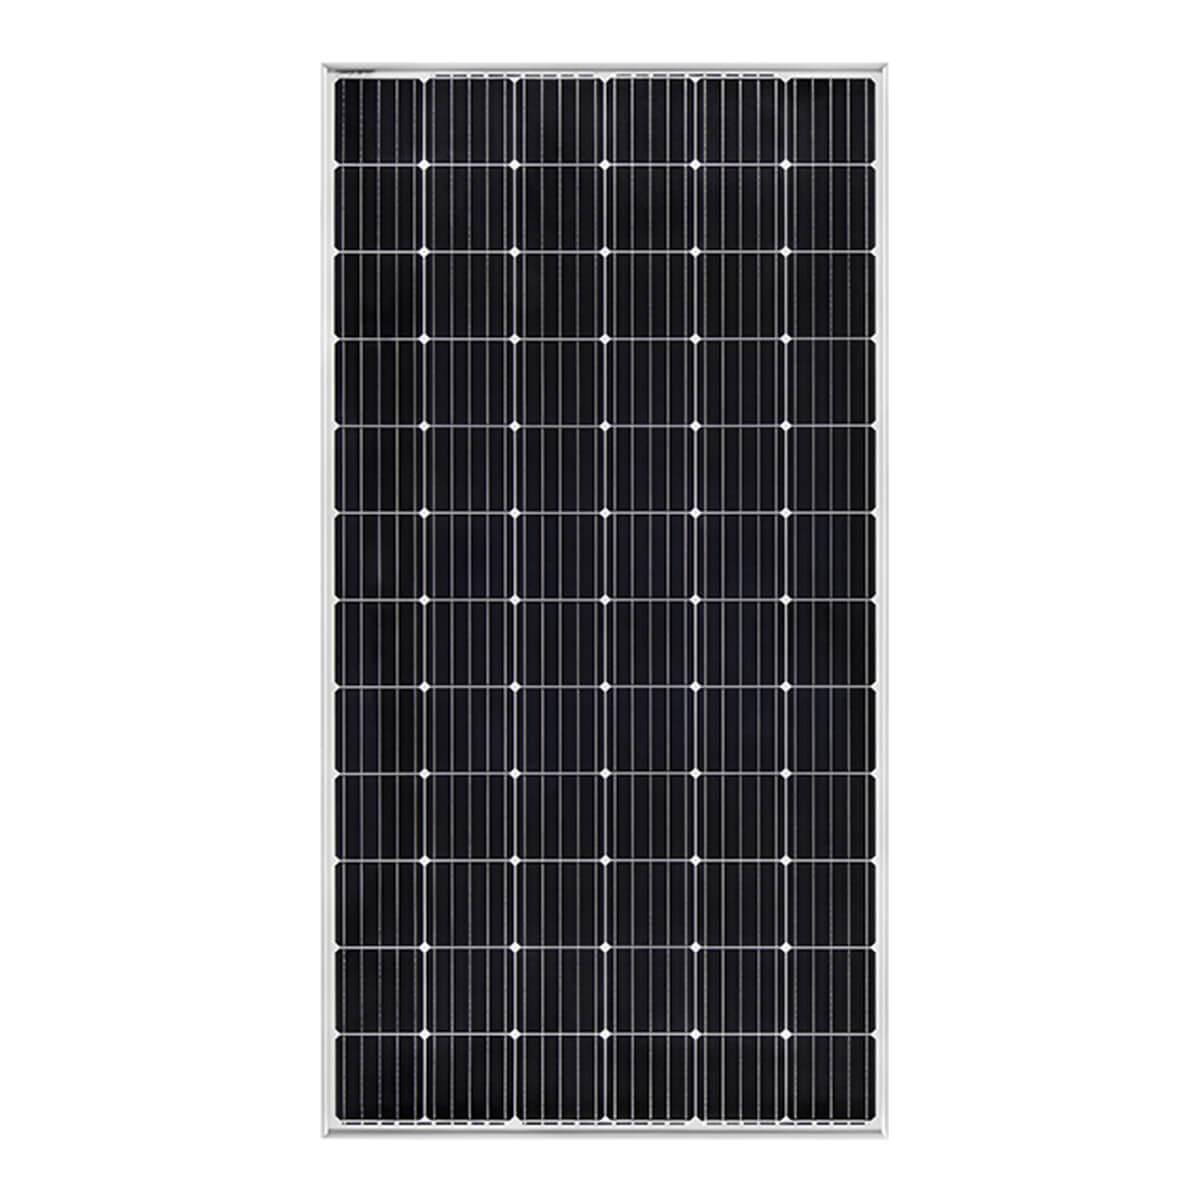 2h enerji winasol 400W panel, 2h enerji winasol 400Watt panel, 2h enerji winasol 400 W panel, 2h enerji winasol 400 Watt panel, 2h enerji winasol 400 Watt monokristal panel, 2h enerji winasol 400 W watt gunes paneli, 2h enerji winasol 400 W watt monokristal gunes paneli, 2h enerji winasol 400 W Watt fotovoltaik monokristal solar panel, 2h enerji winasol 400W monokristal gunes enerjisi, 2h enerji winasol 72-M3-400W panel, WINASOL 400 WATT